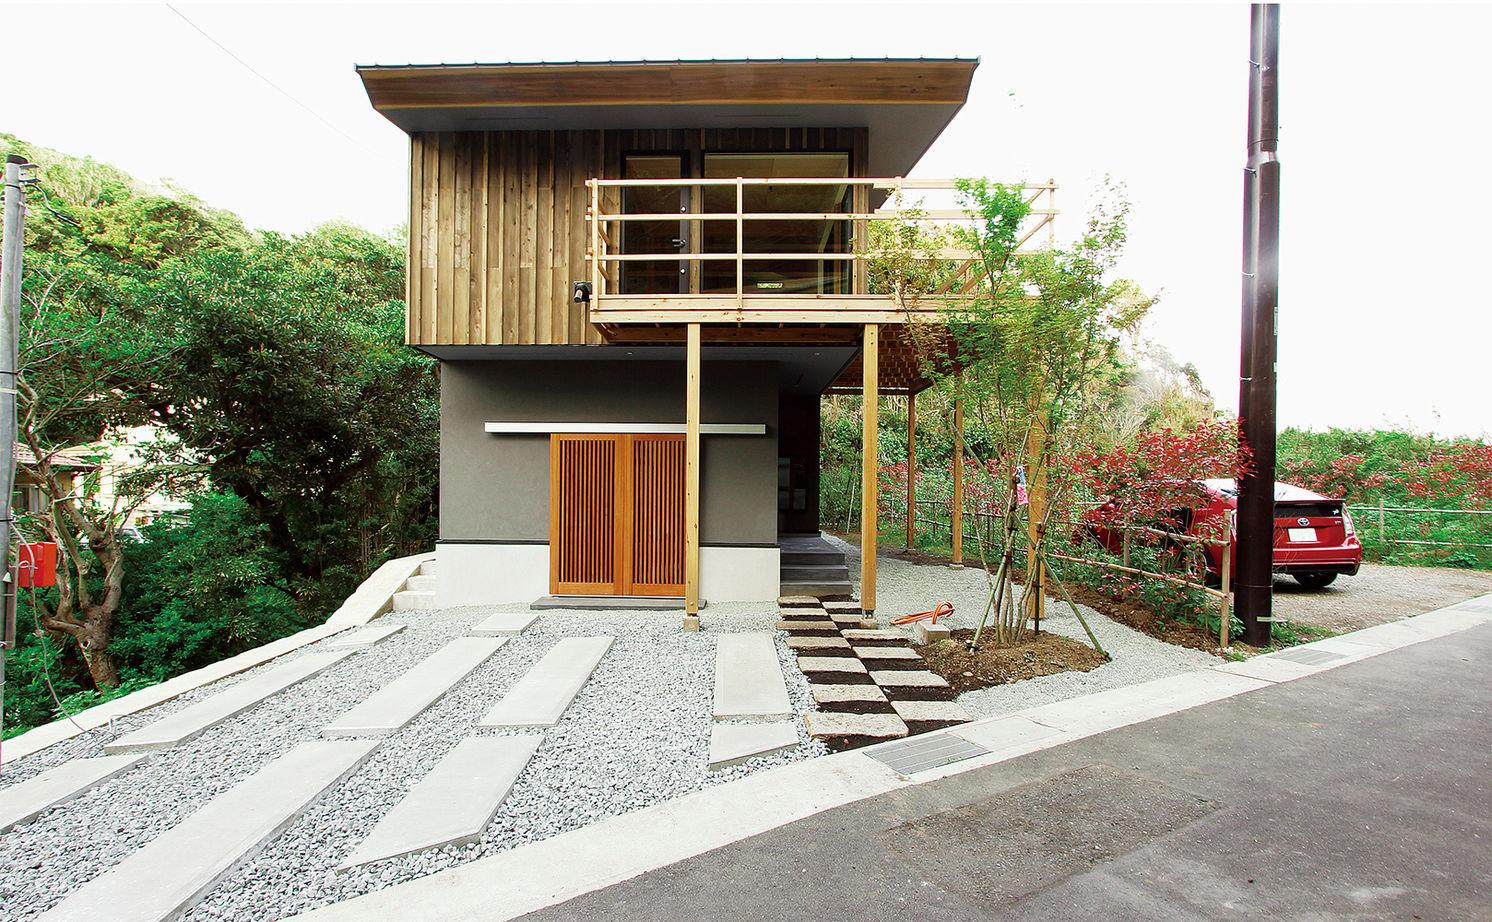 【1870万円/間取リ図有】プロの設計士とゼネコン現場監督が建てた家画像1